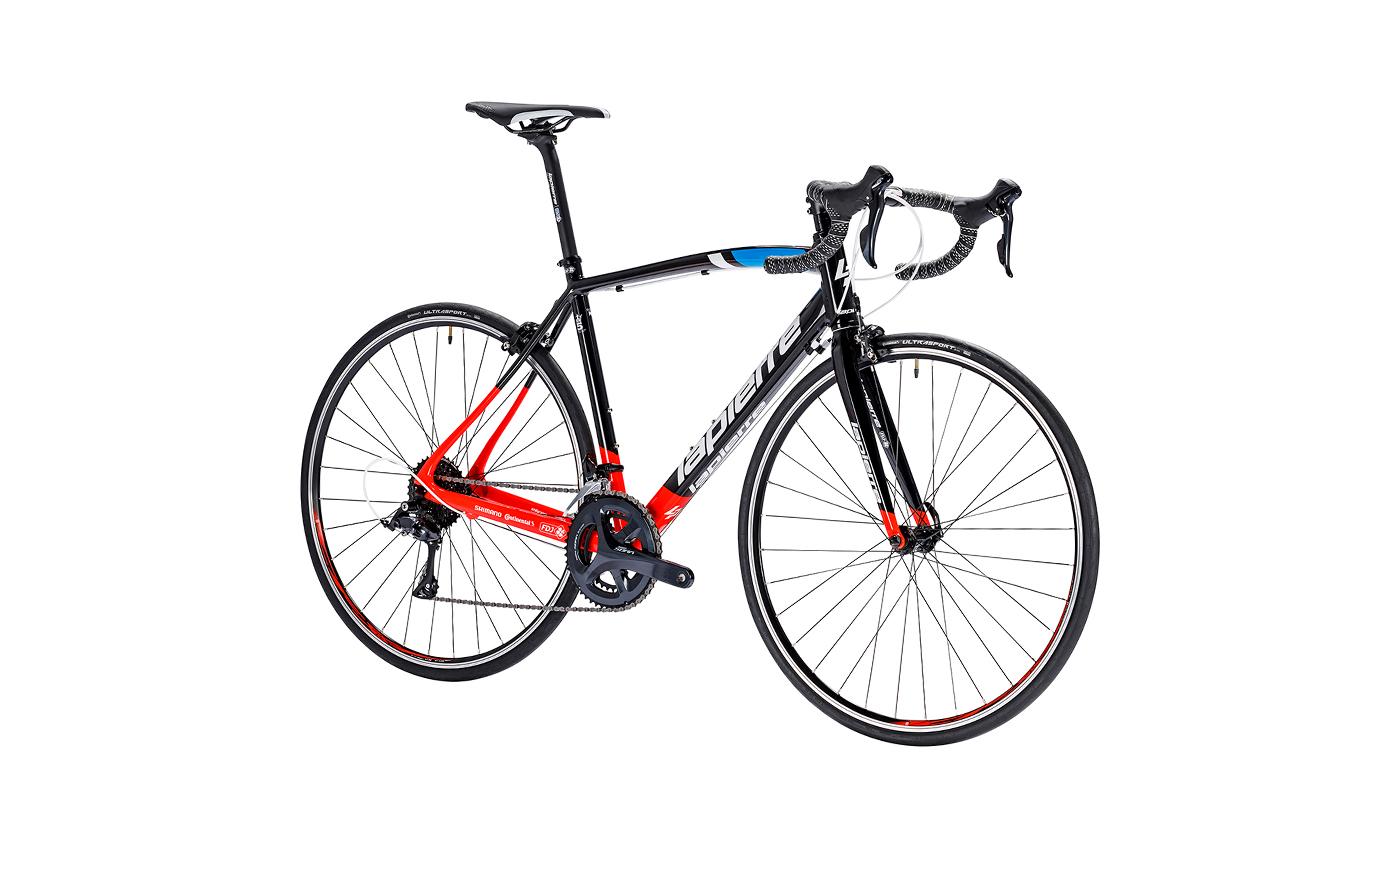 Bicykel LAPIERRE AUDACIO 200 FDJ CP 2018